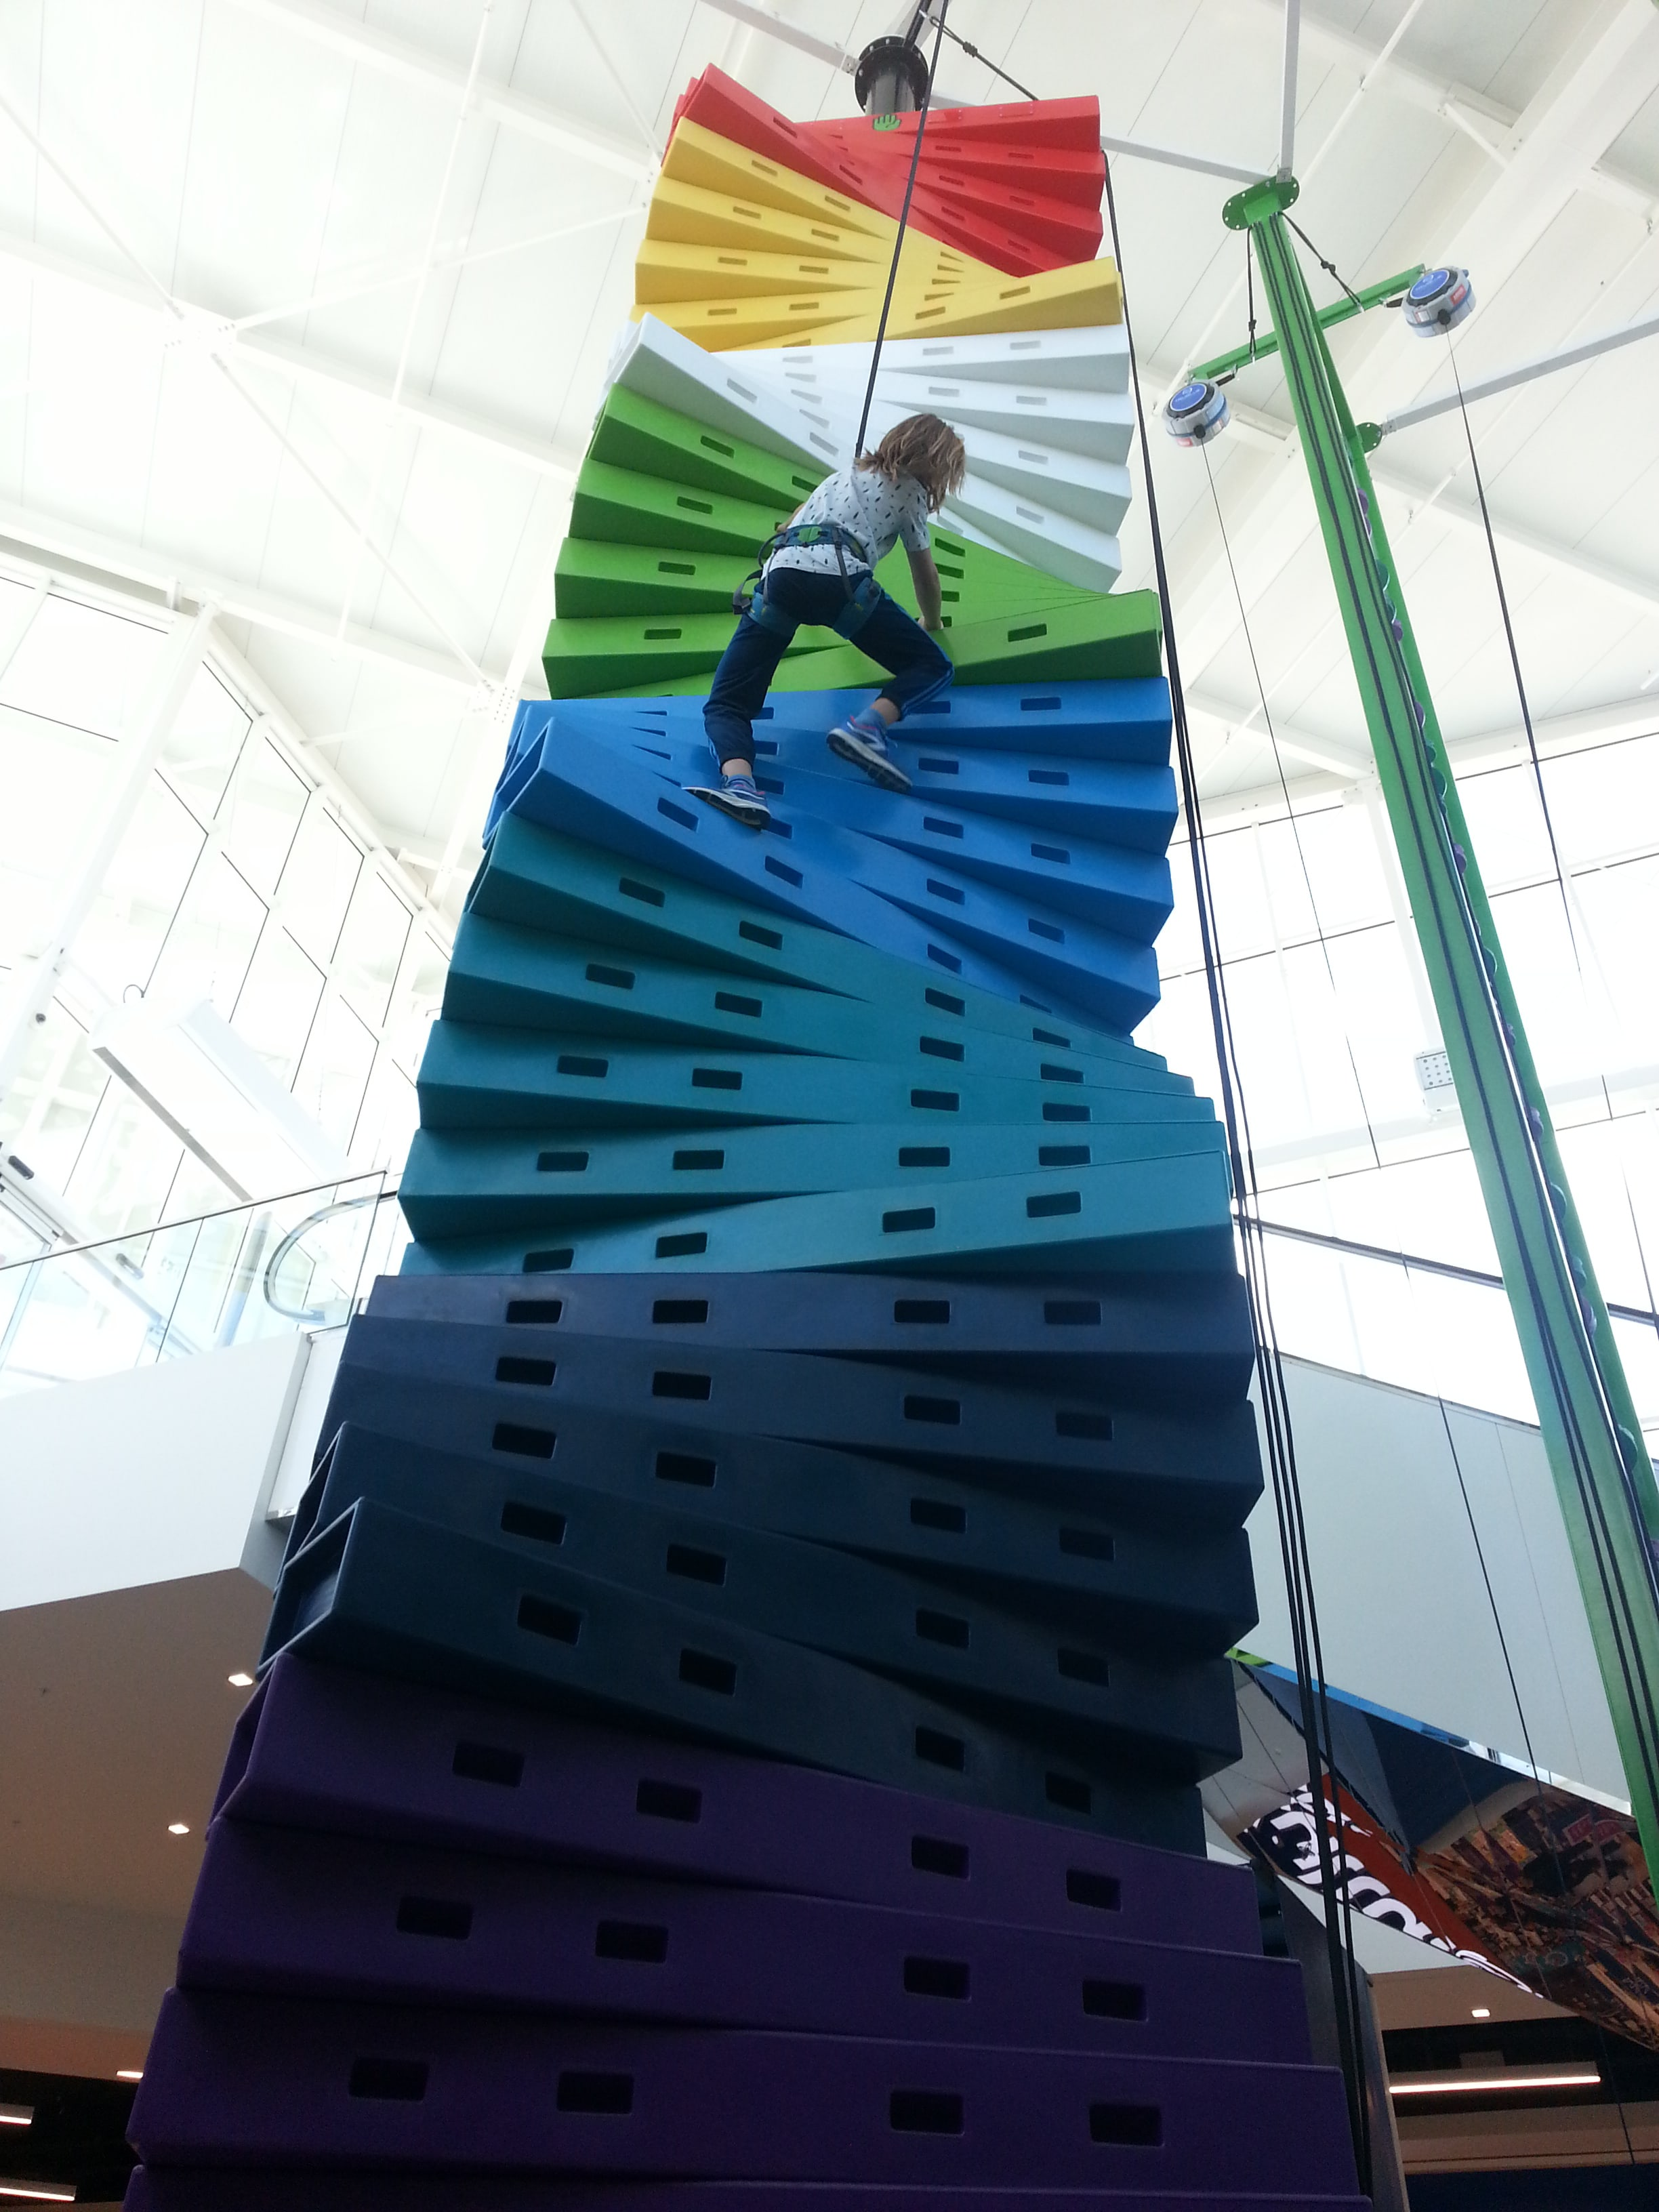 maman-forme-hapik-rennes-escalade-ludique-enfant-parent-escalier-colore-milieu-min